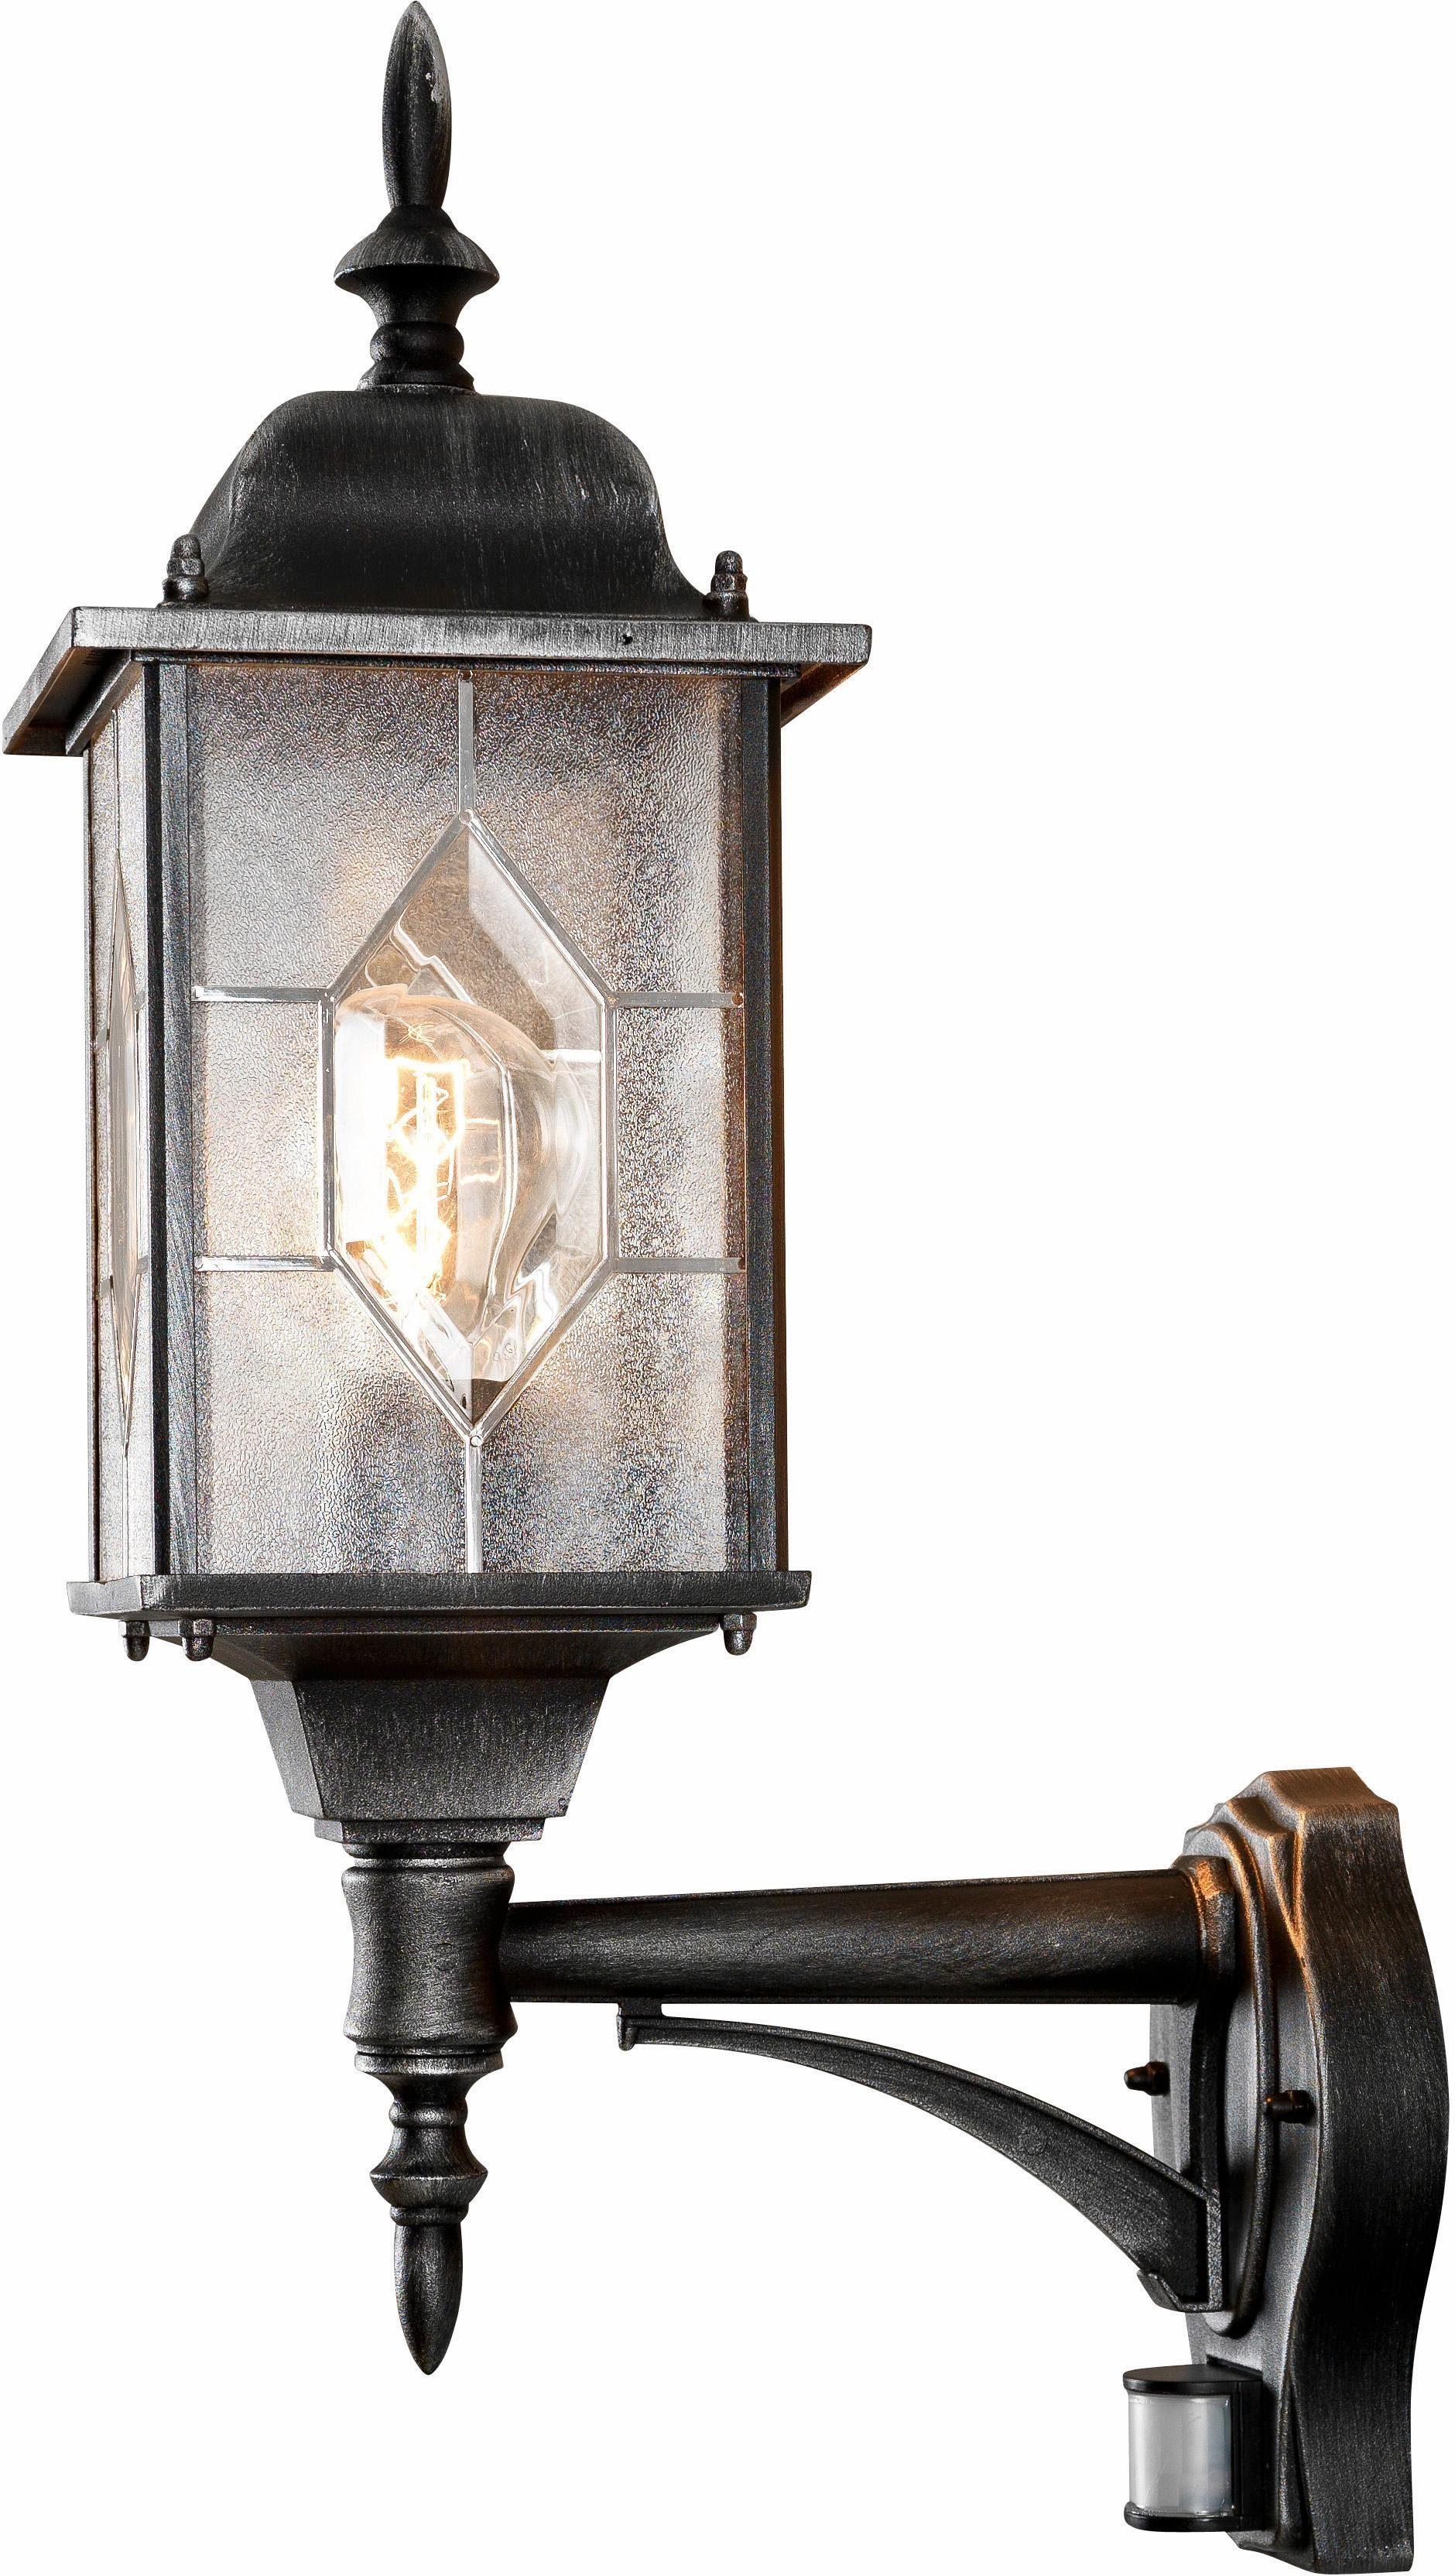 KONSTSMIDE LED Außen-Wandleuchte »MILANO«, 1-flammig, Außenleuchte für die Wandbefestigung